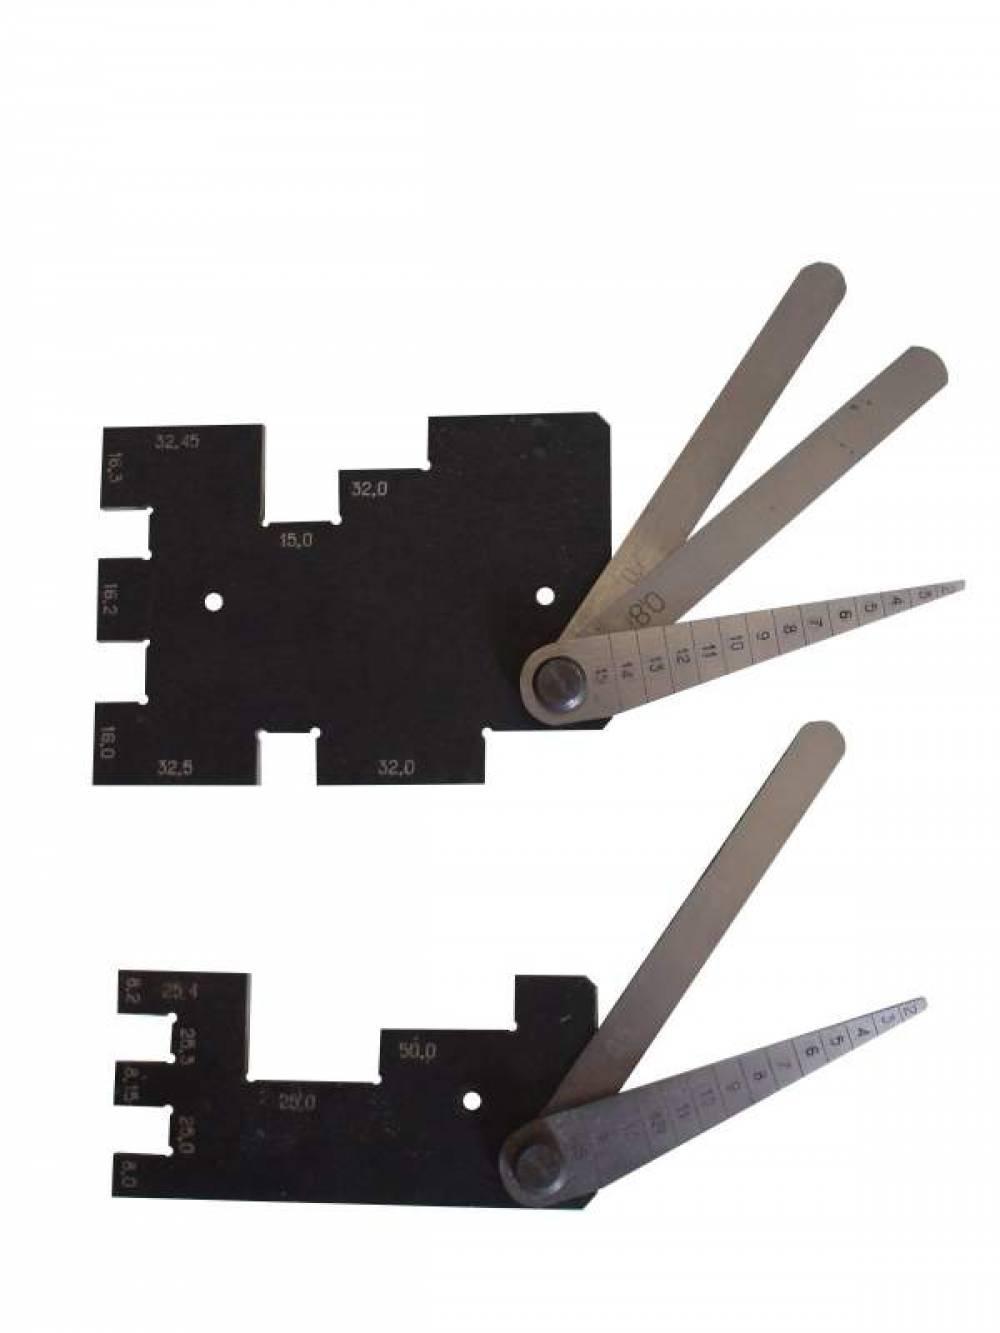 Шаблон и щупы ДК-604В для коллеторно-щеточного узла делителей напряжения электропоездов